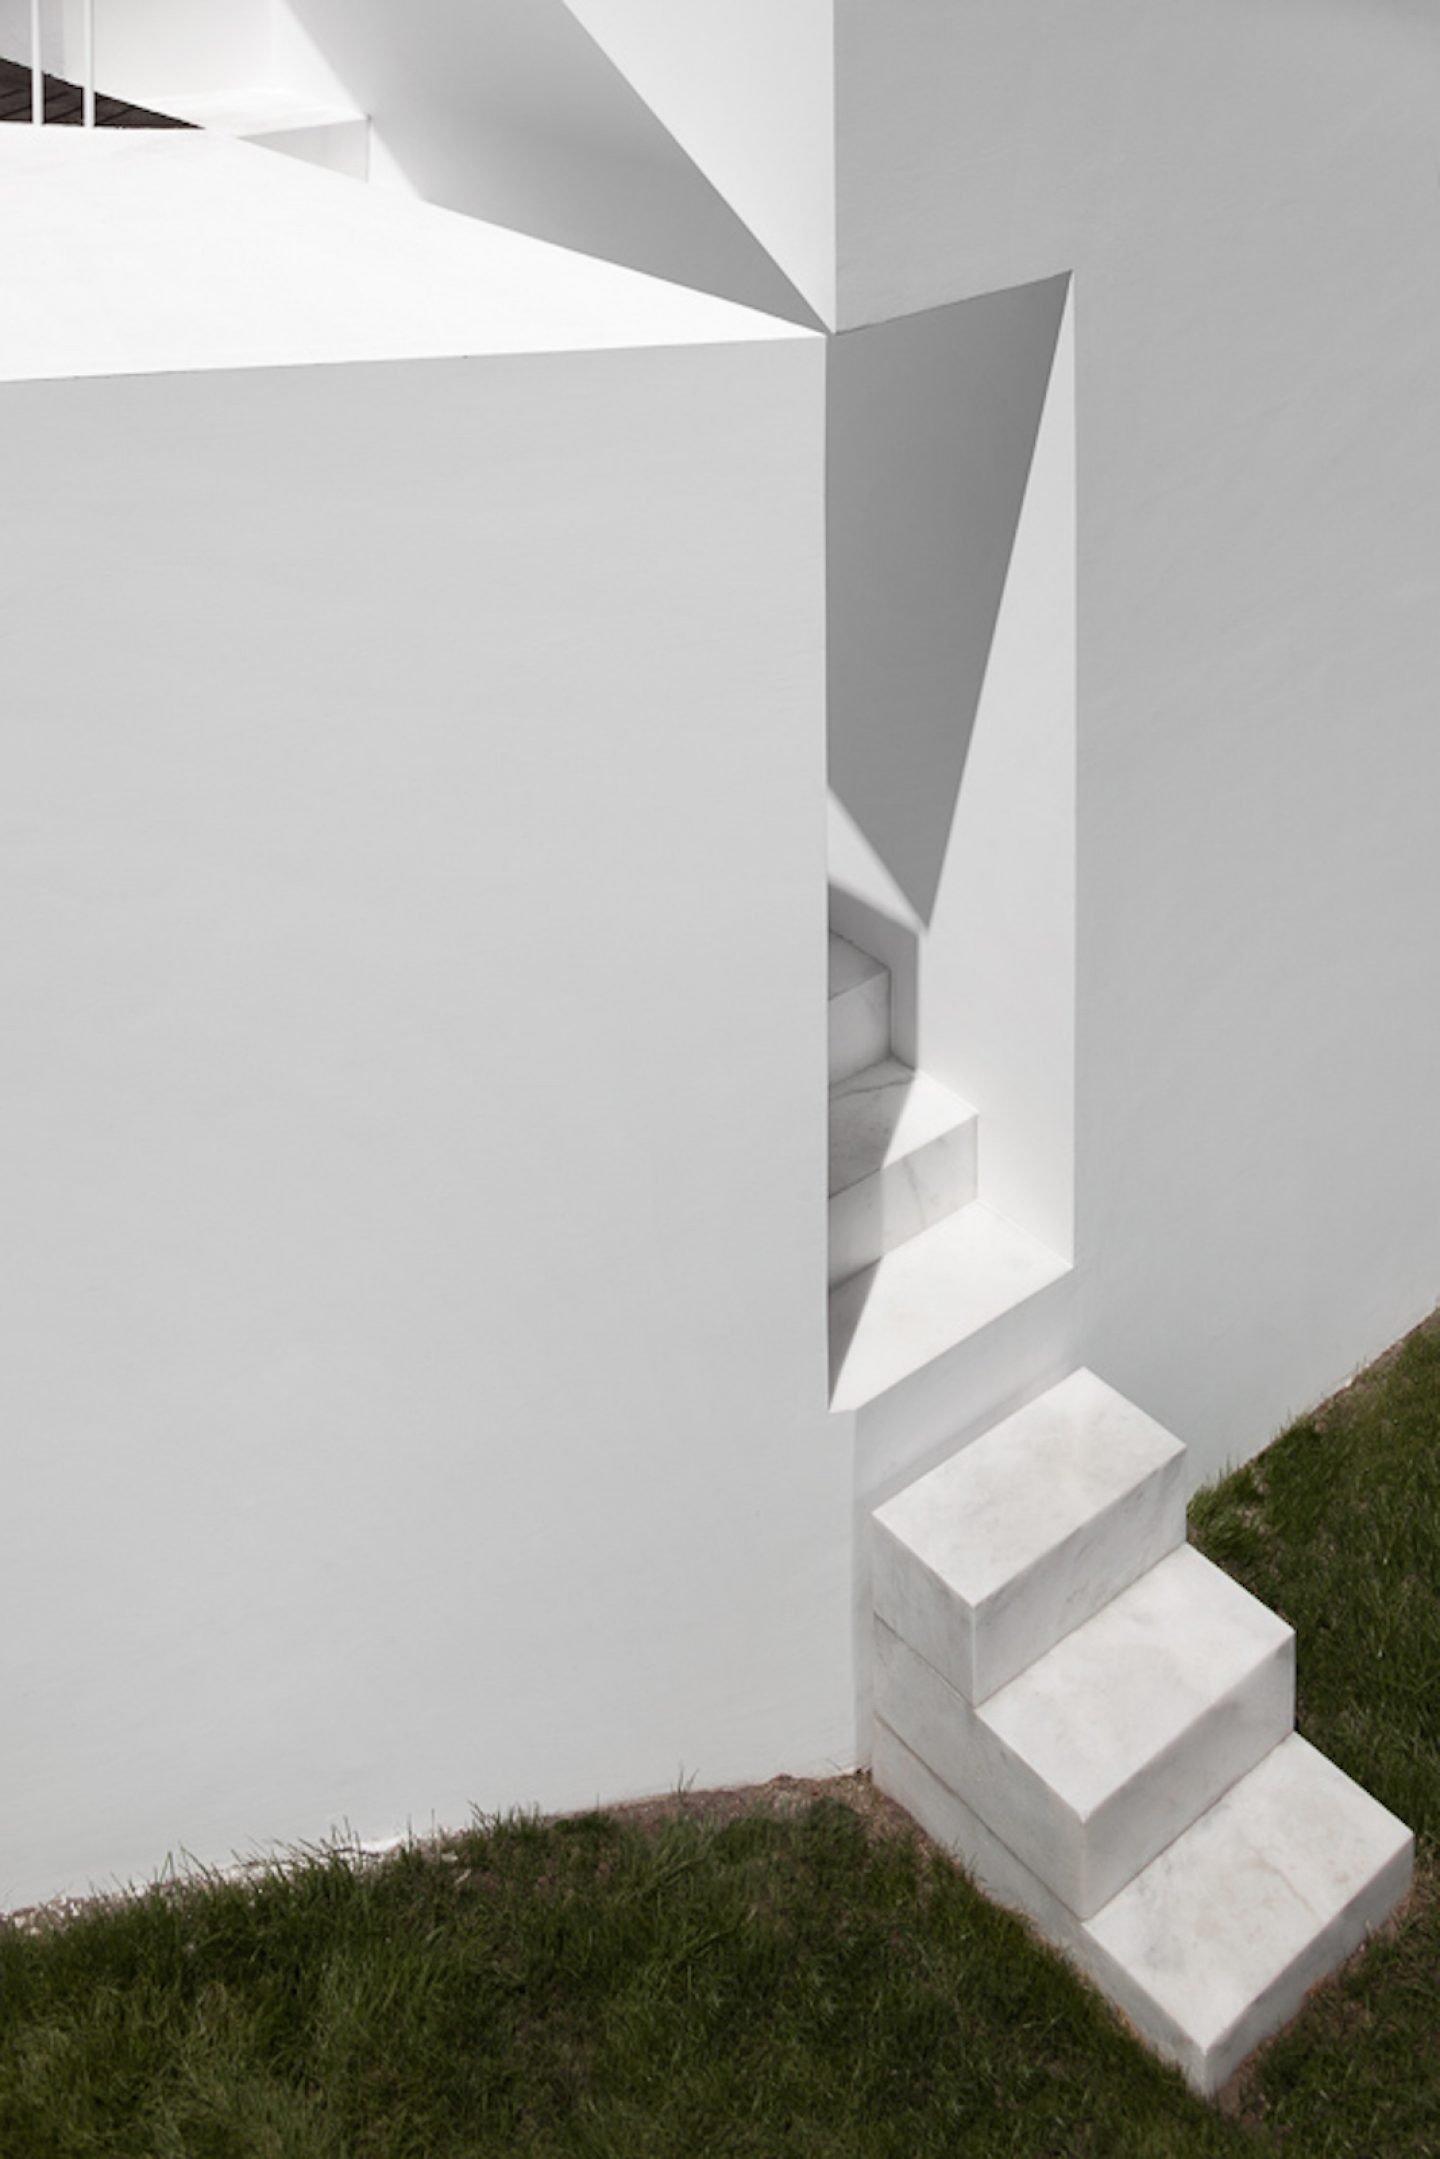 architecture_airesmateus_alcobaca_19